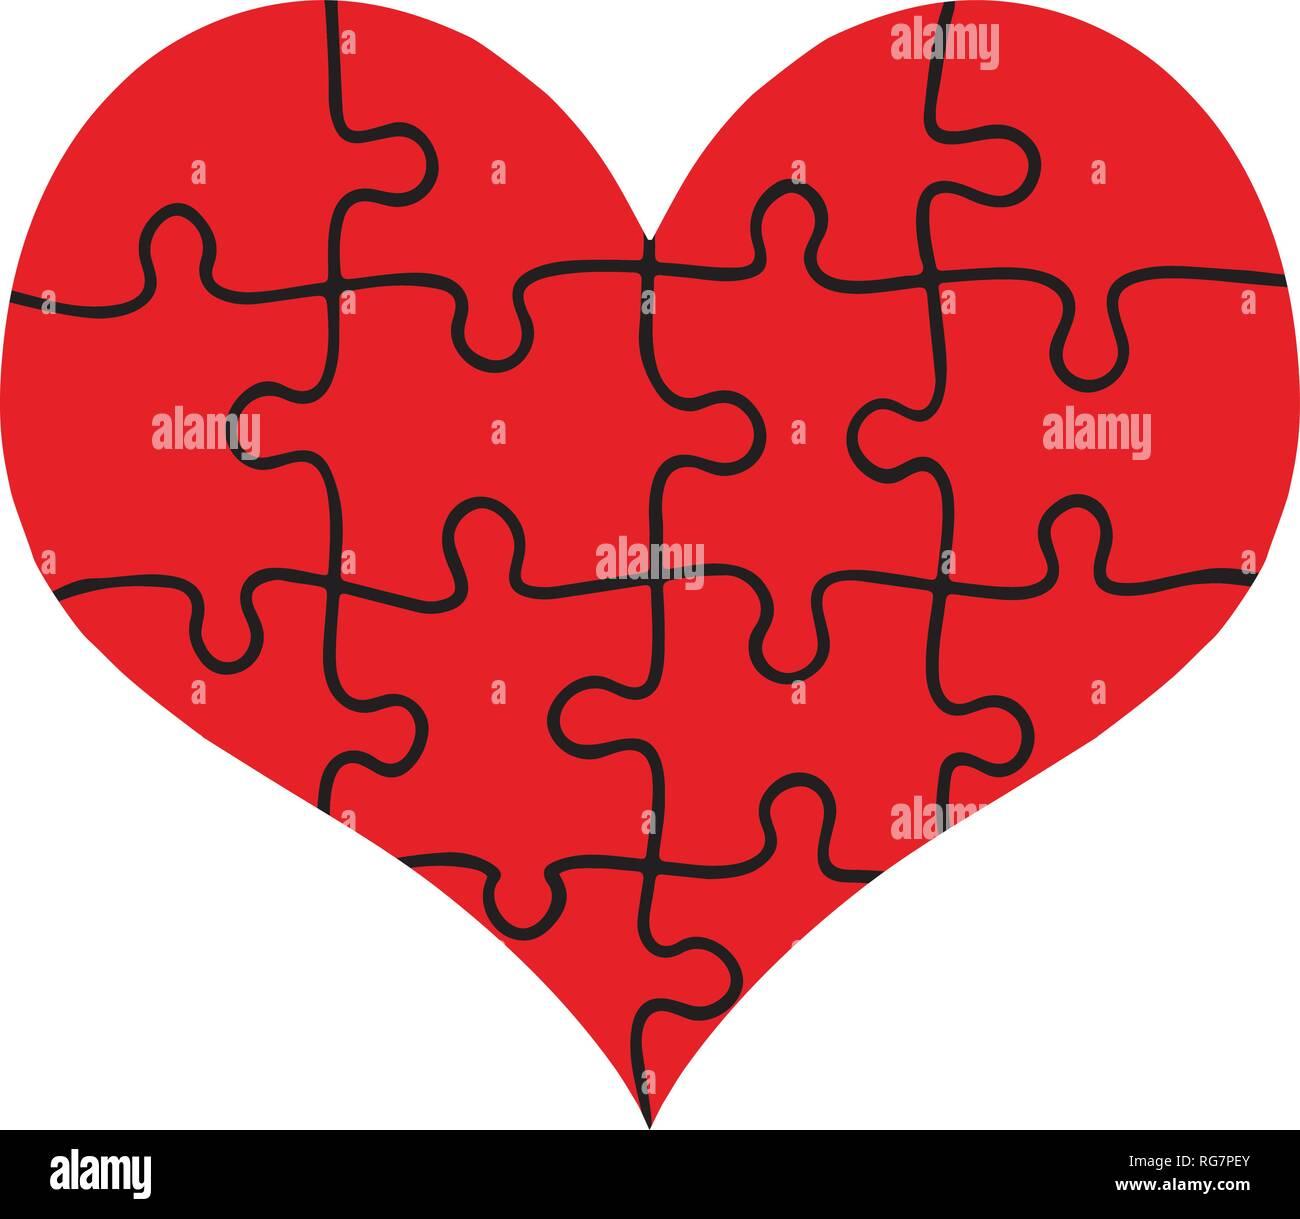 Coeur rouge assemblé de pièces de puzzle isolé sur fond blanc. L'amour, le mariage, la charité. Modèle plat. Jigsaw avec tous les morceaux assemblés formant B Illustration de Vecteur